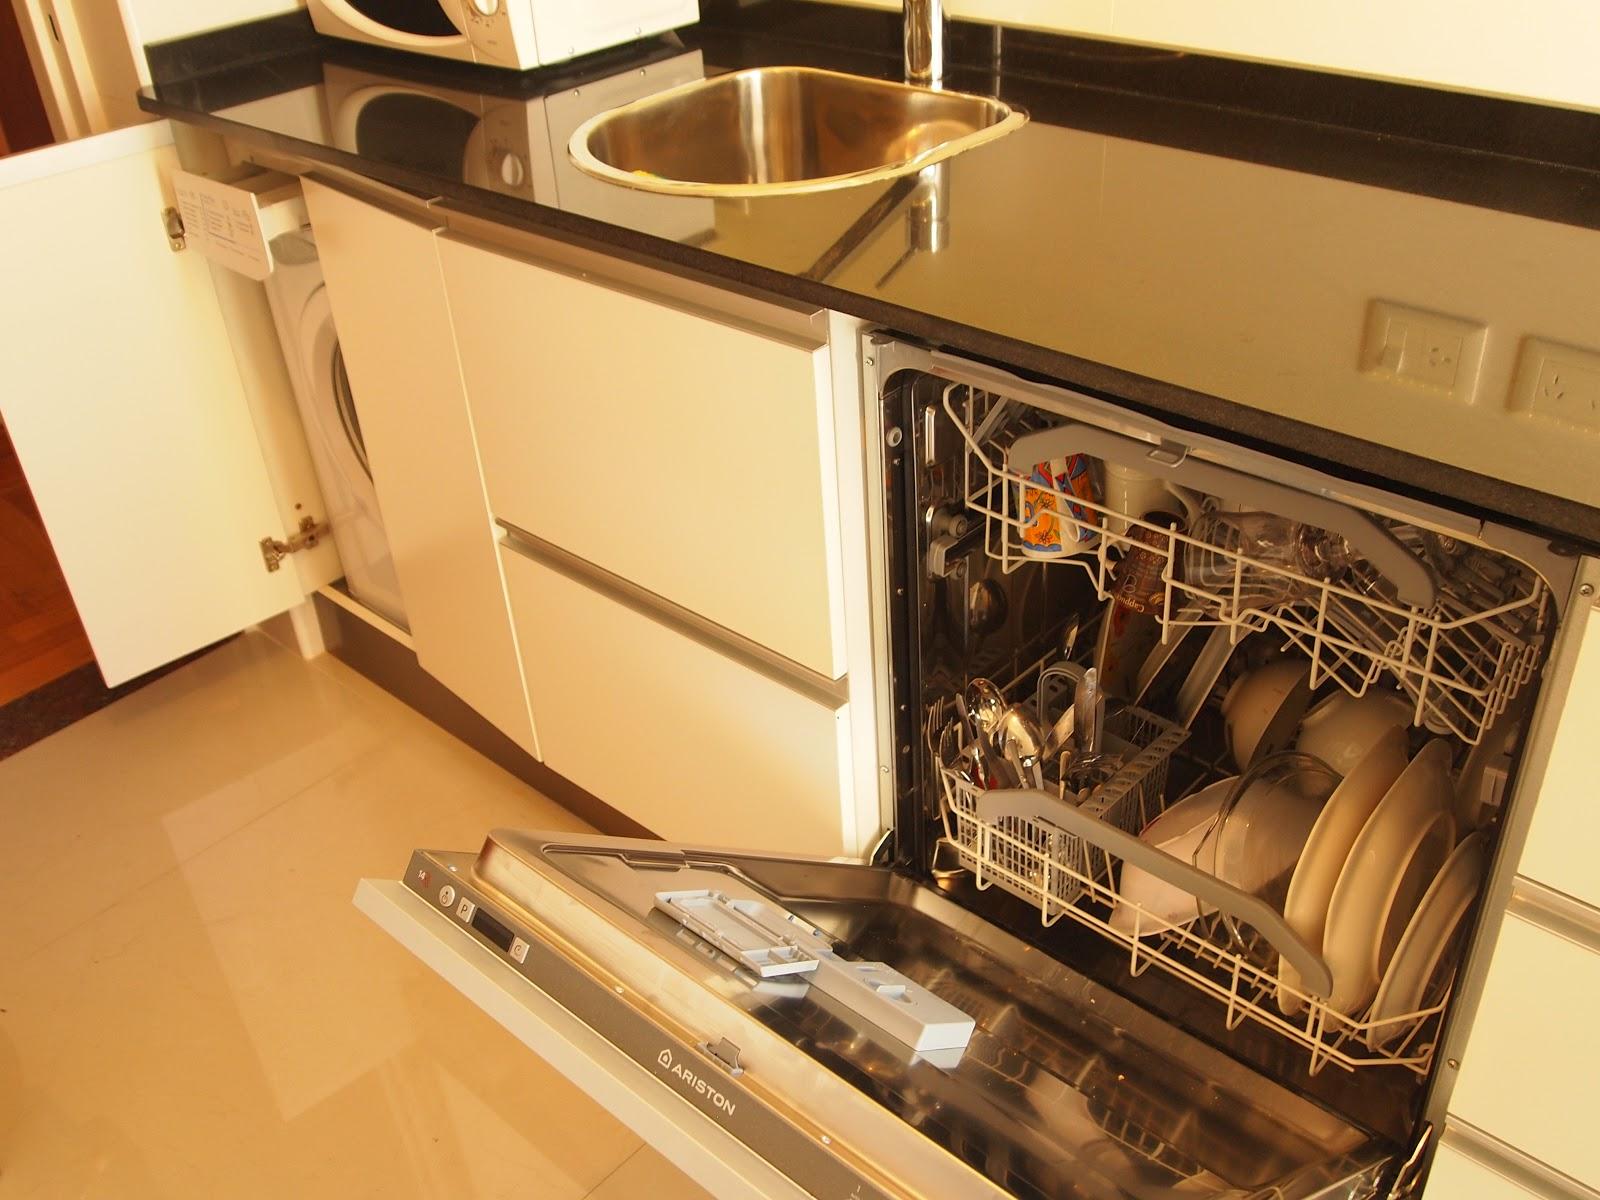 Arquitectura a tu medida remodelacion de una cocina for Tipos de cocina arquitectura